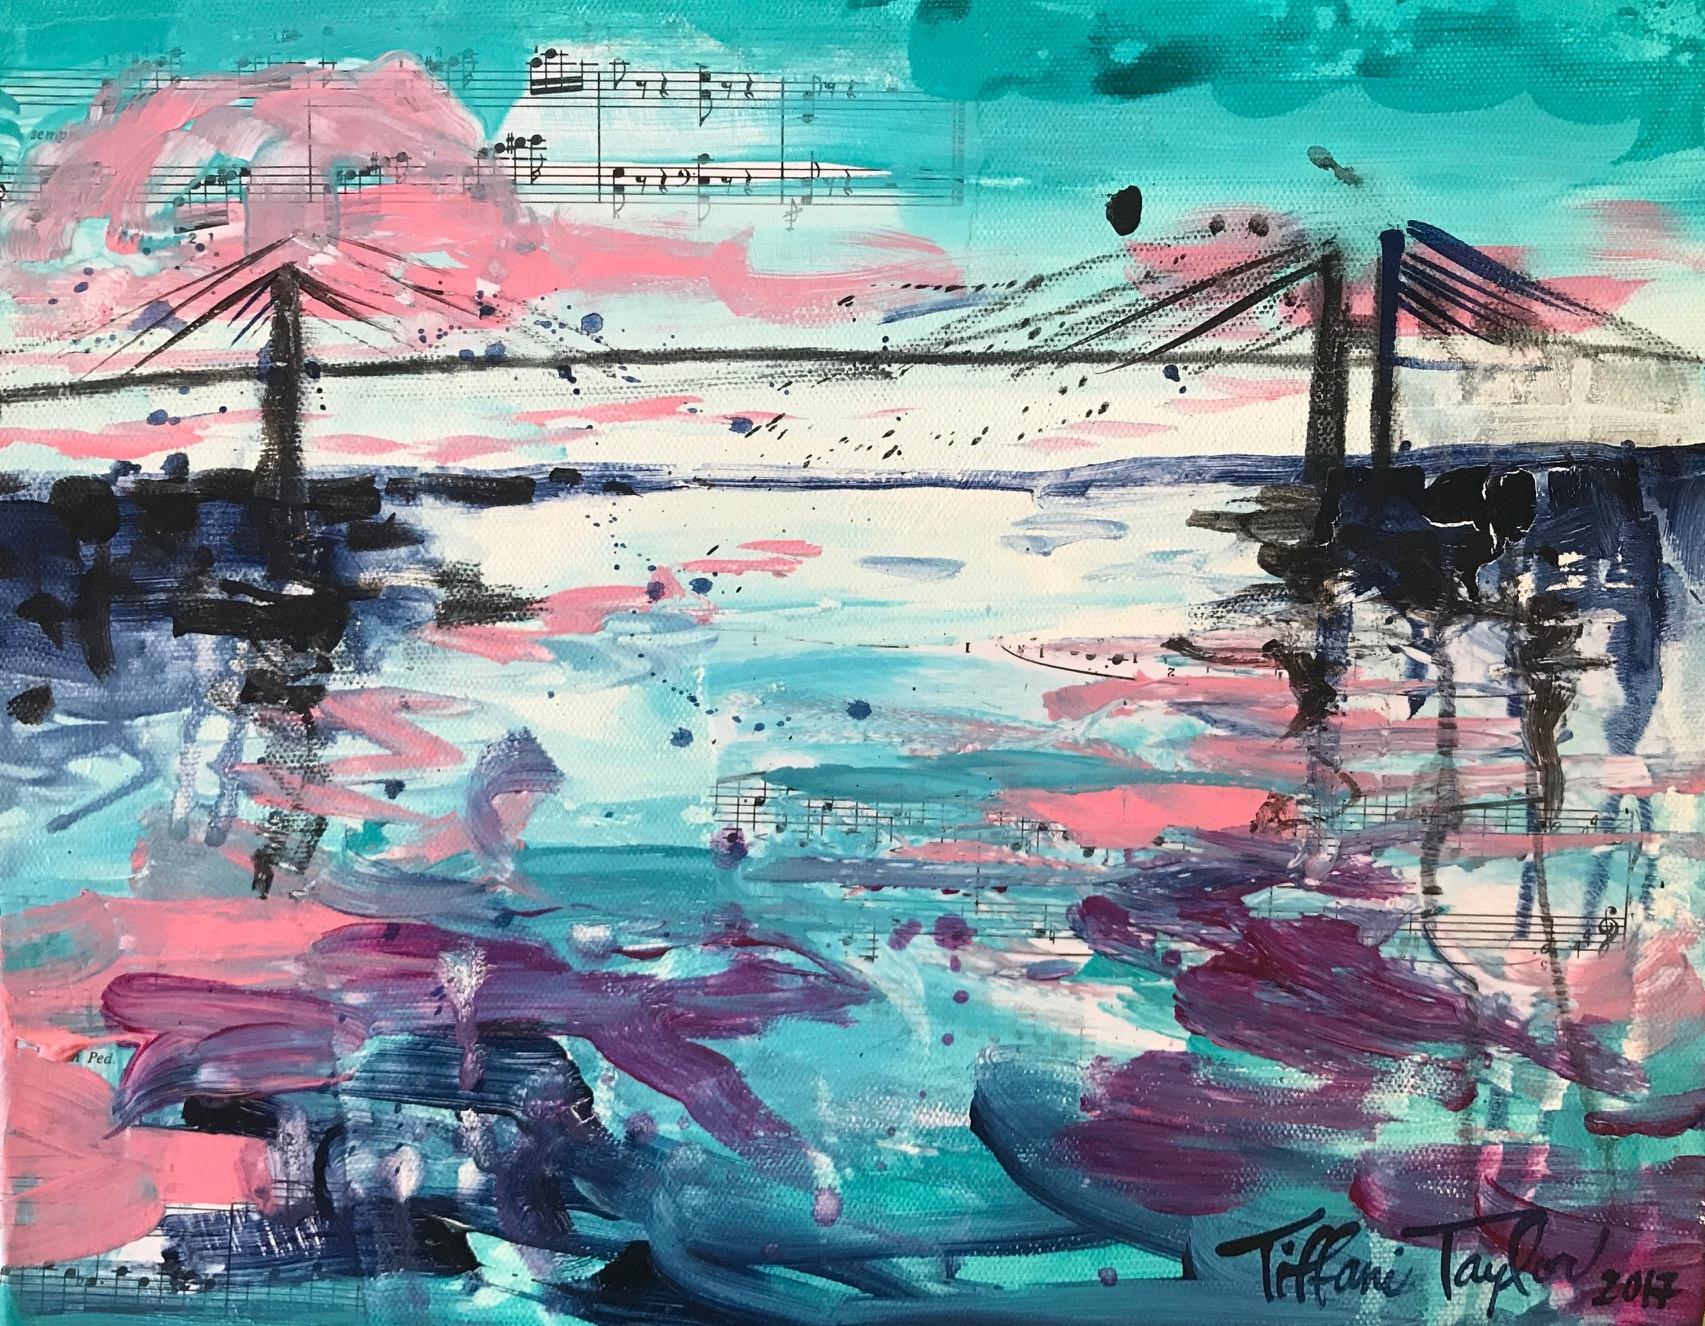 Expressionistic Talmadge Bridge